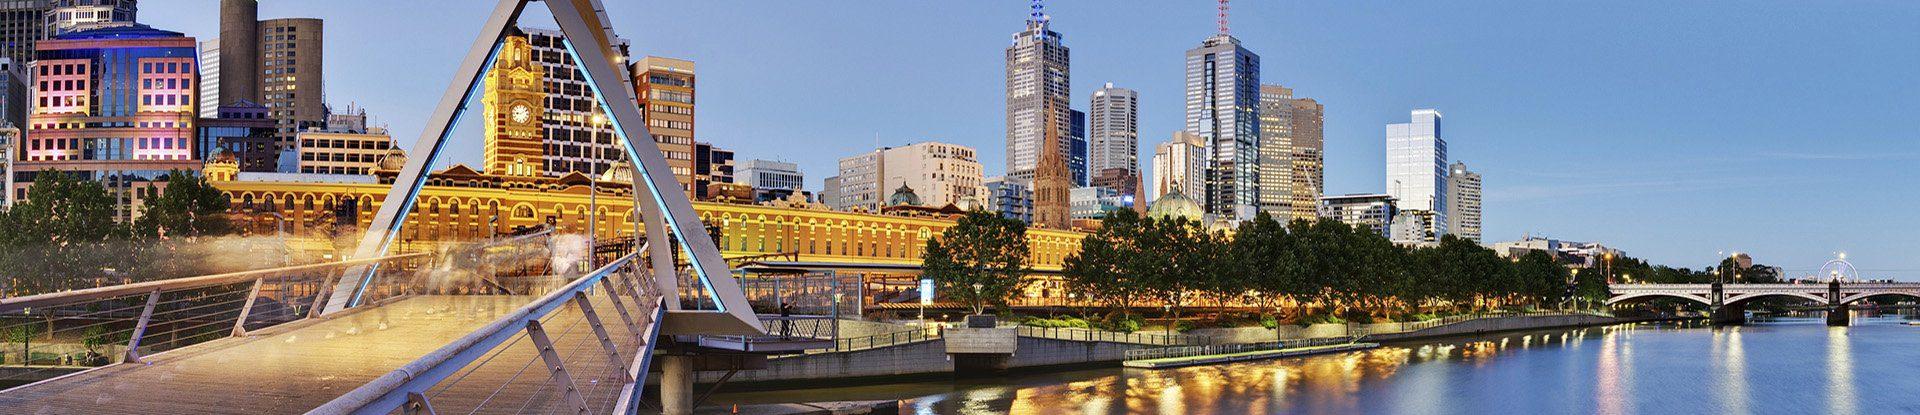 Melbourne banner 2